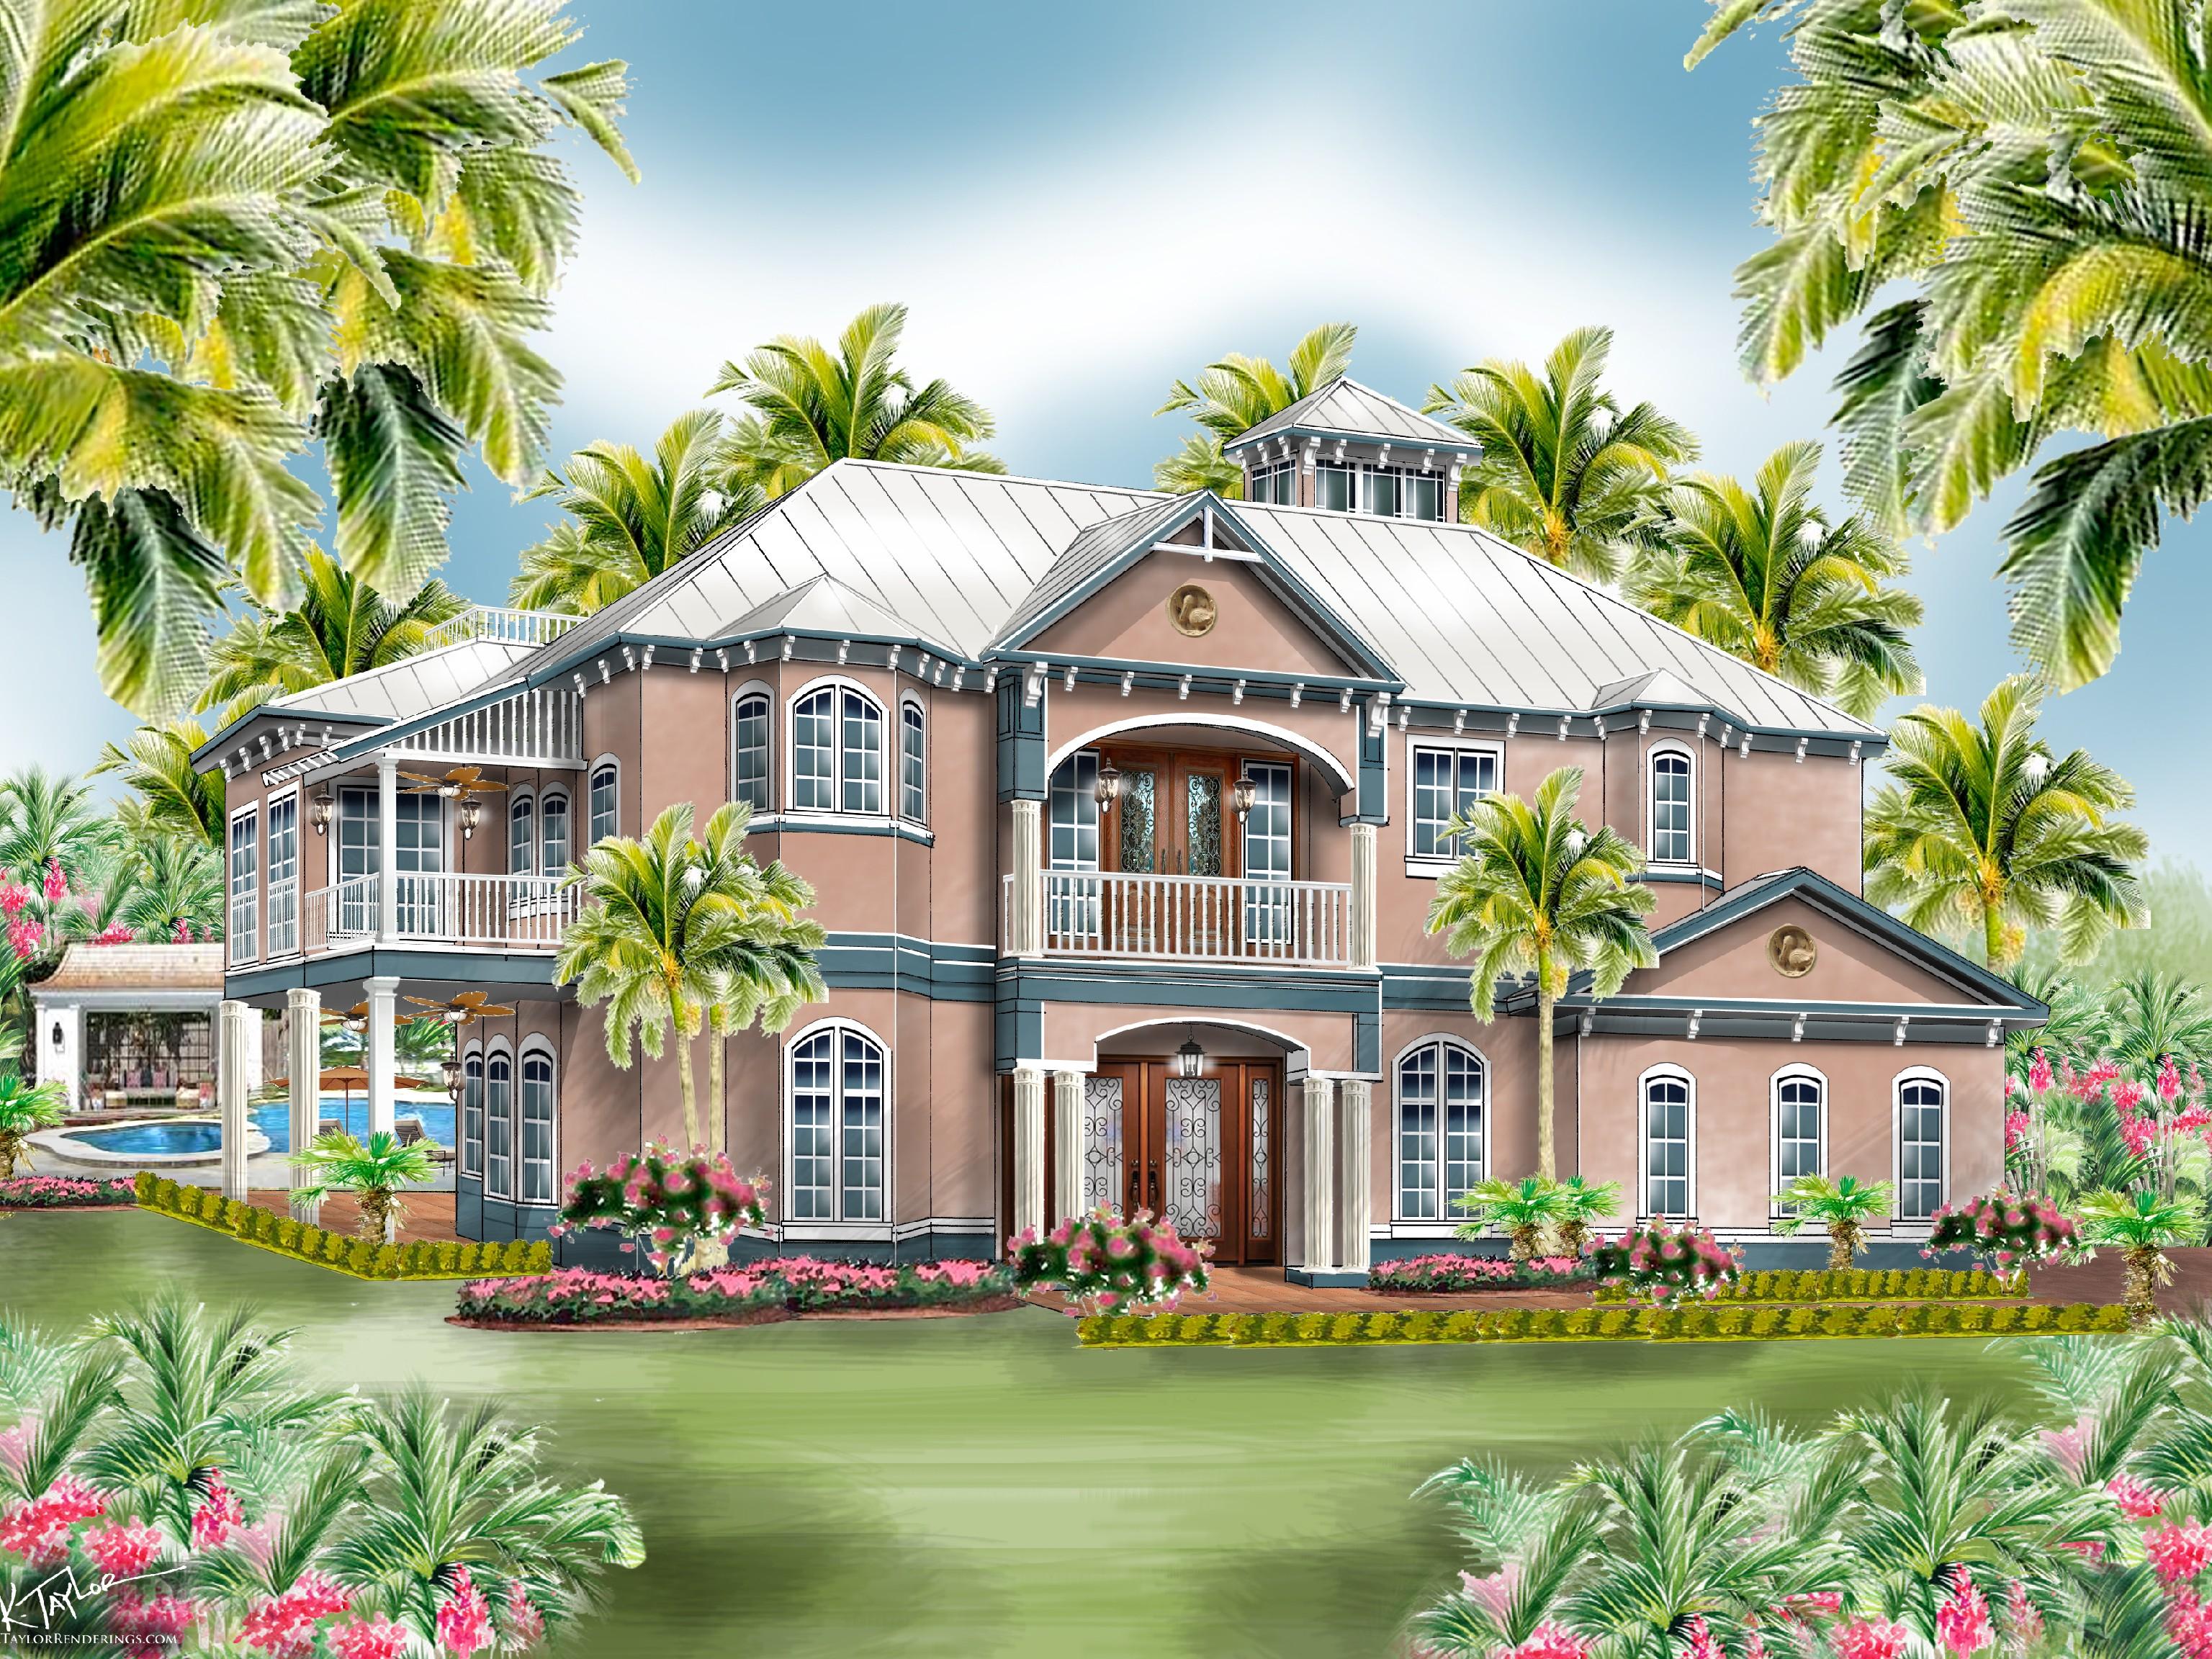 Частный односемейный дом для того Продажа на Daytona Beach, Florida 31 Newberry Court Ponce Inlet, Флорида 32127 Соединенные Штаты